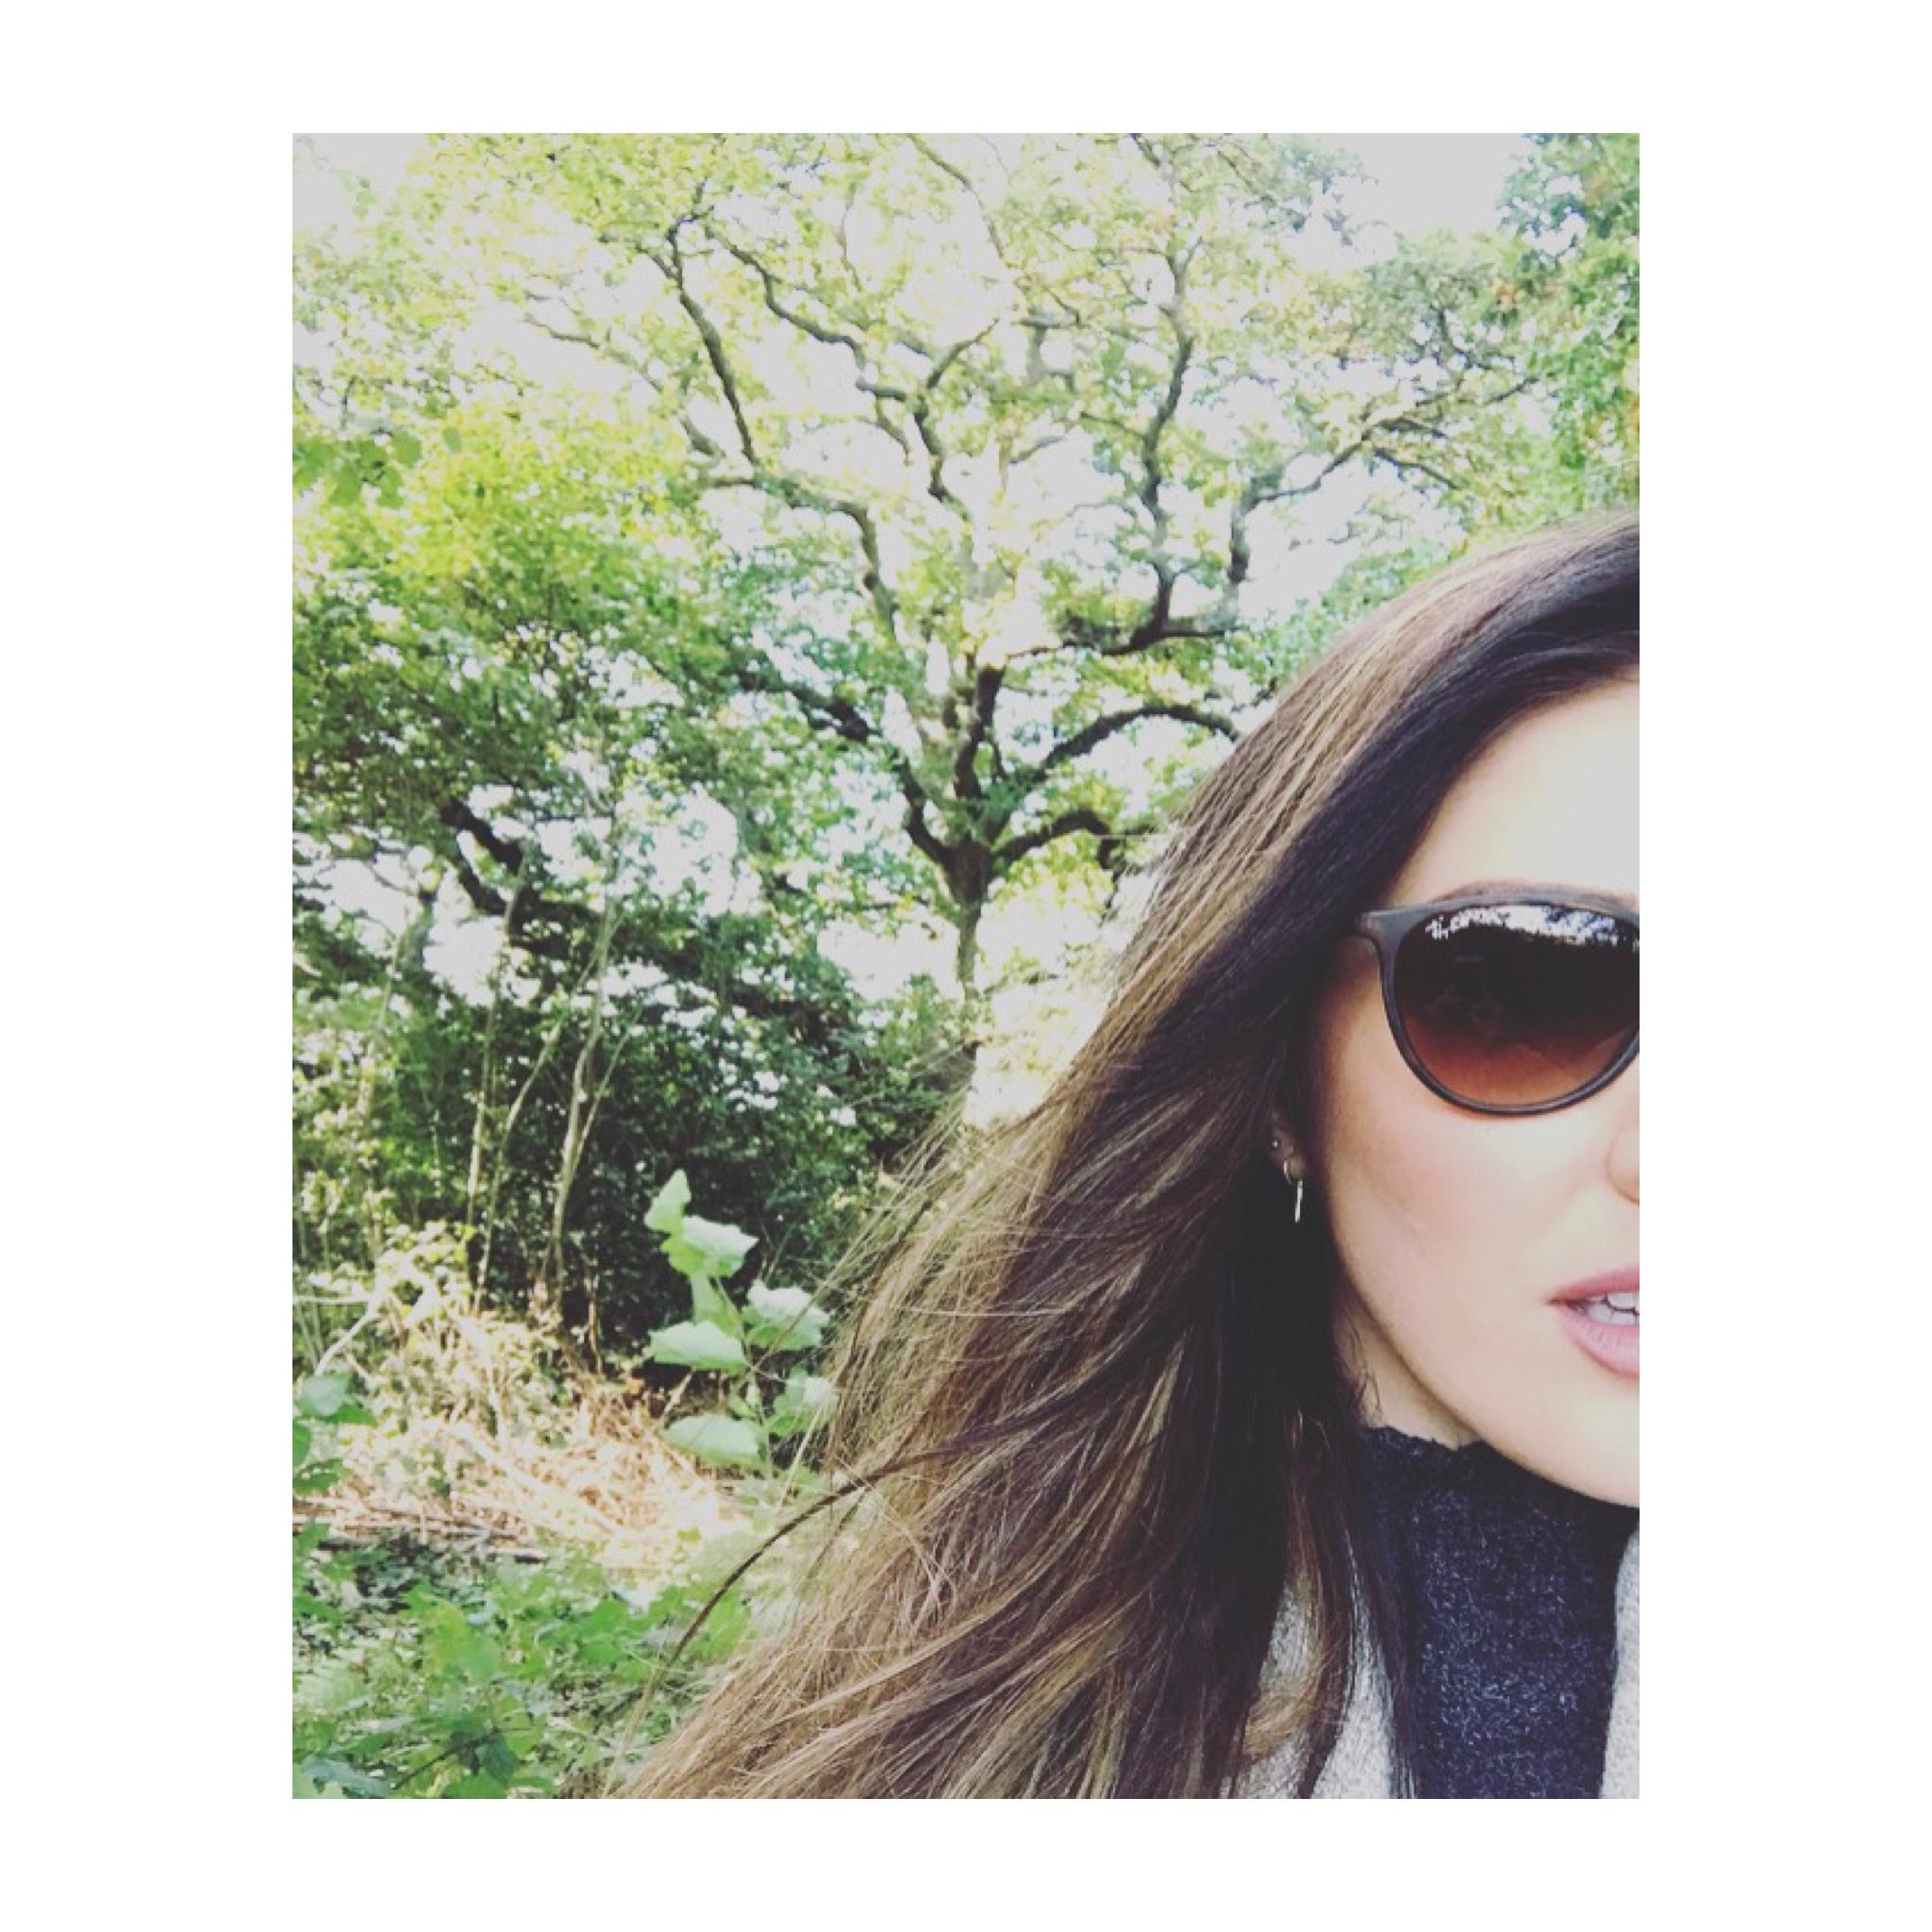 Me & a tree ... 👍🏼